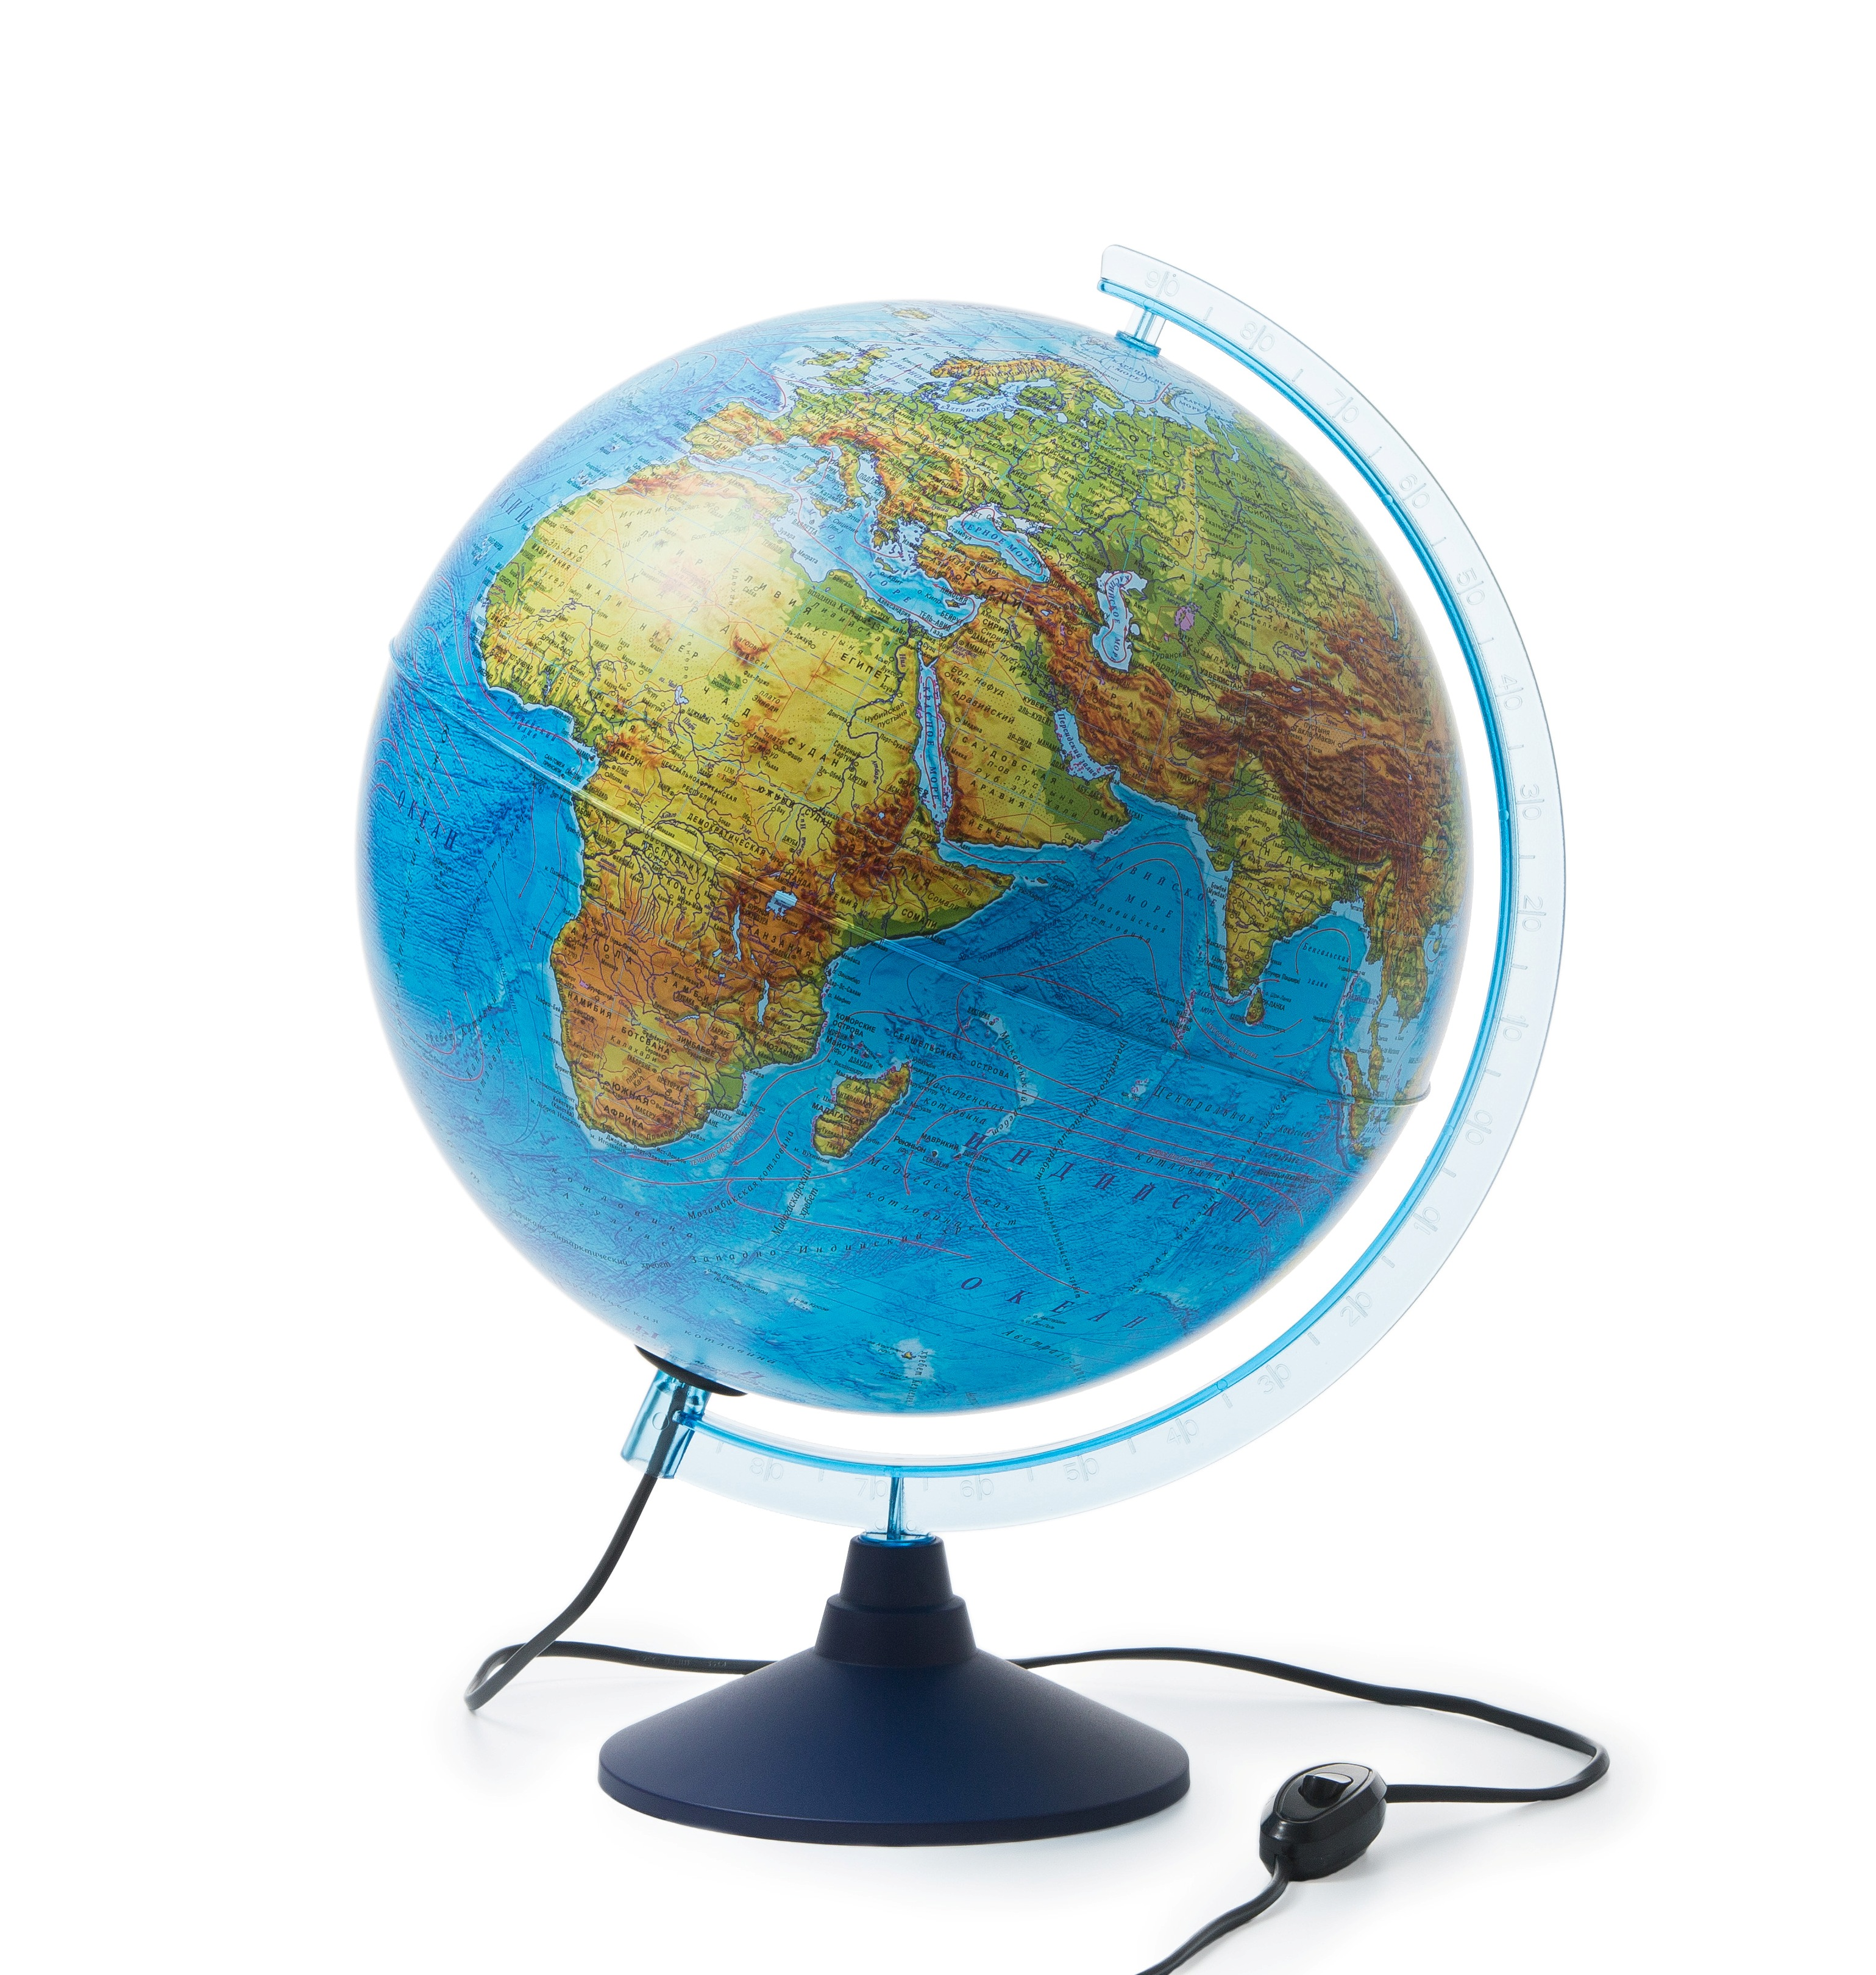 Глобус Globen физико-политический Классик Евро с подсветкой, диаметр 32 см цена 2017